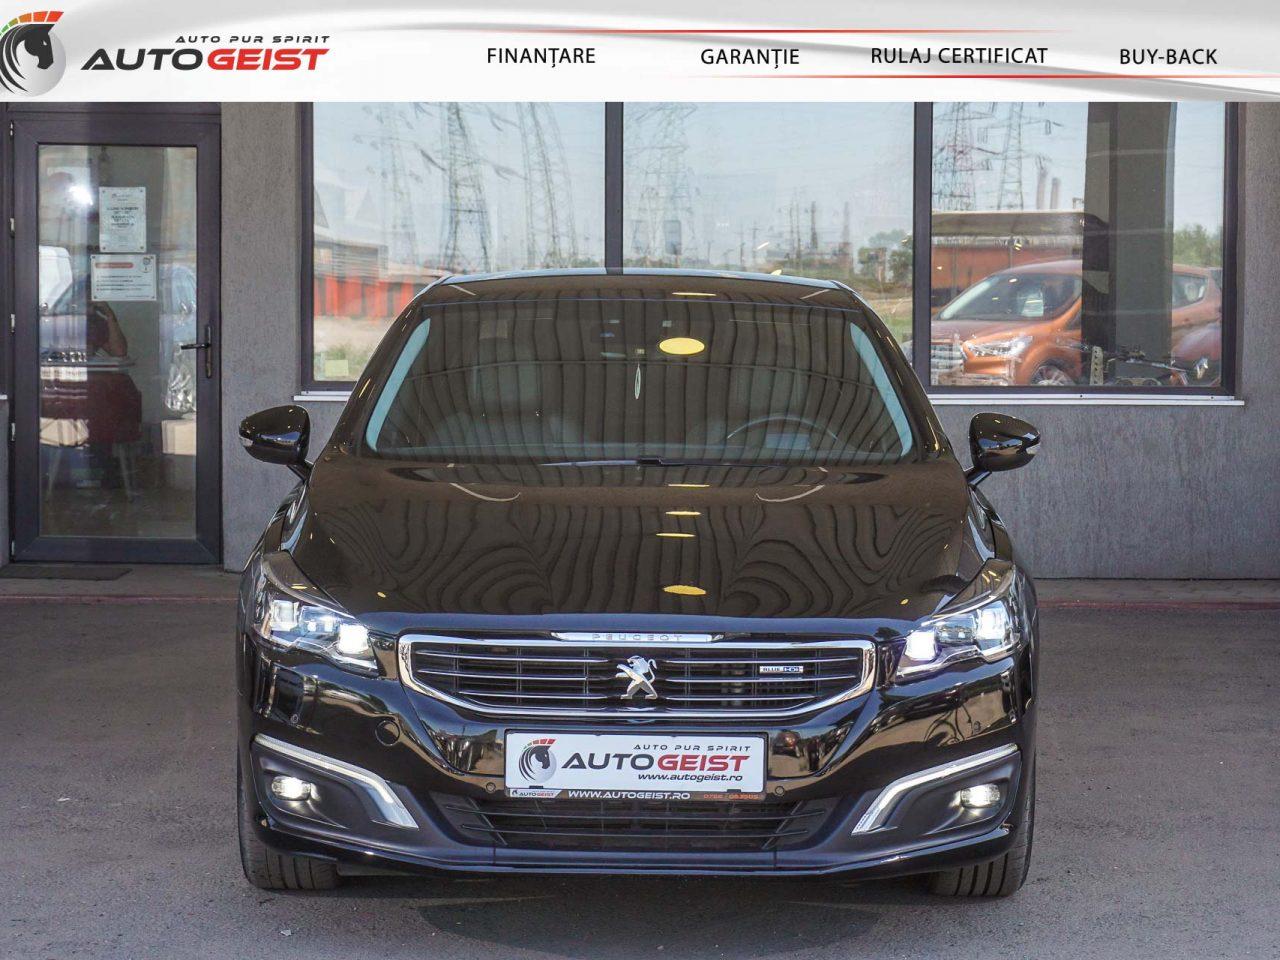 585-peugeot-508-sedan-negru-01722